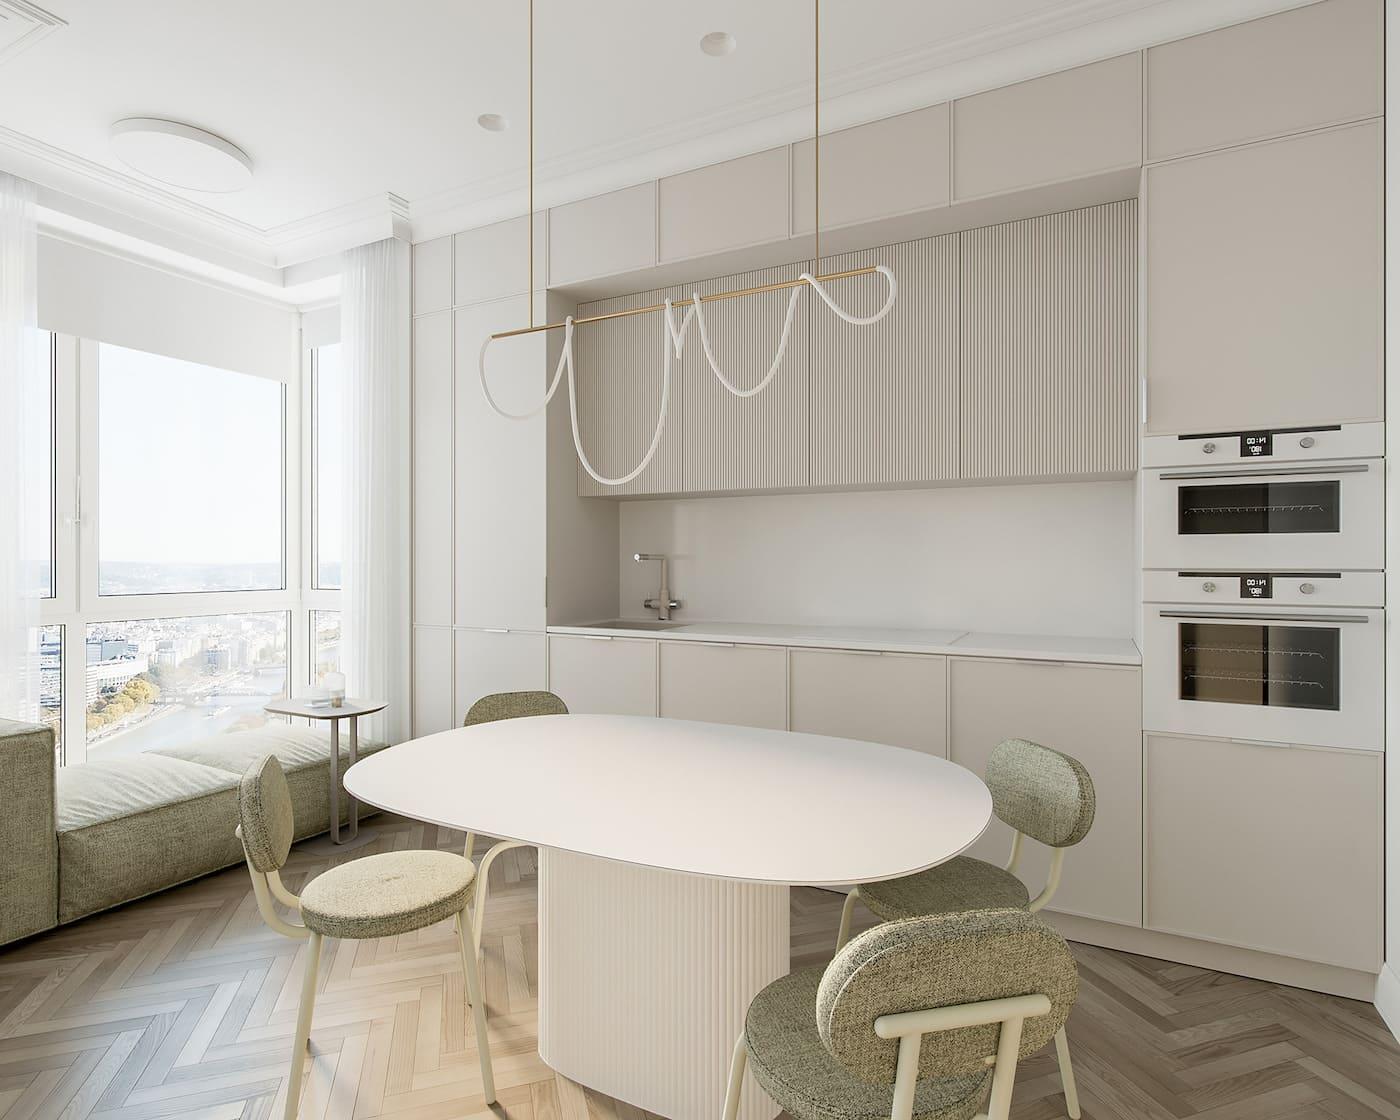 Design d'un appartement à une chambre photo 66